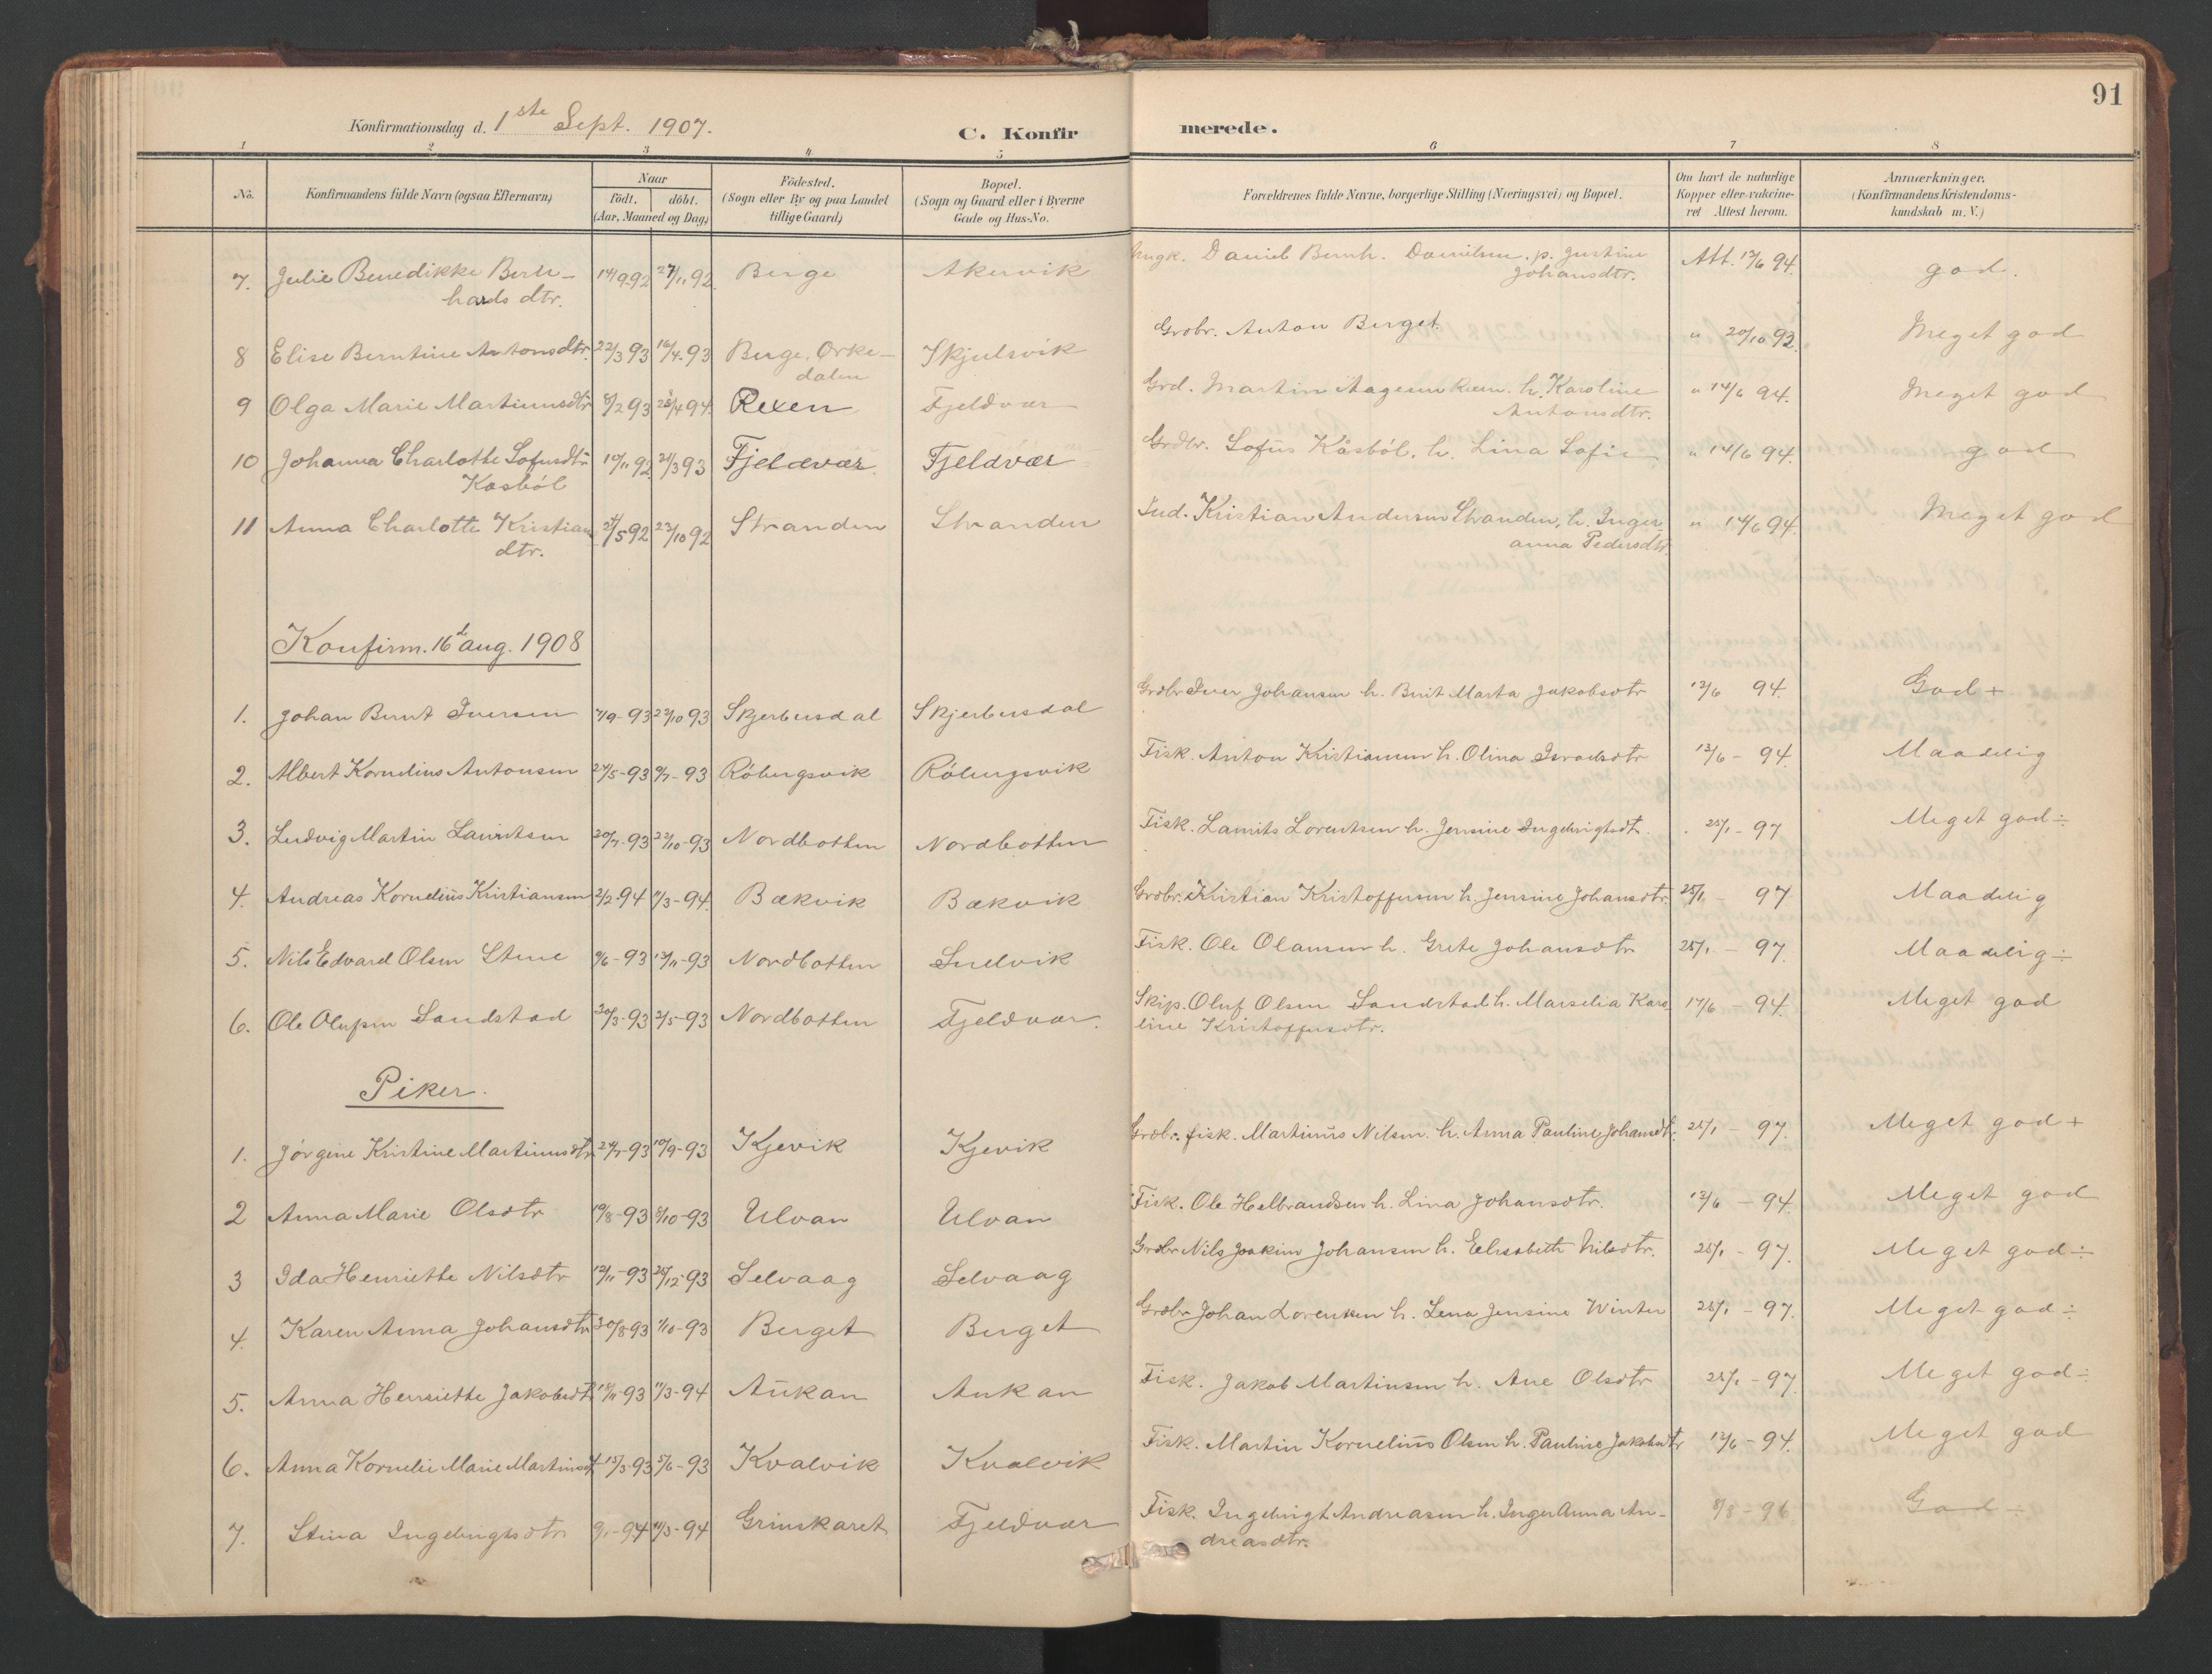 SAT, Ministerialprotokoller, klokkerbøker og fødselsregistre - Sør-Trøndelag, 638/L0568: Ministerialbok nr. 638A01, 1901-1916, s. 91